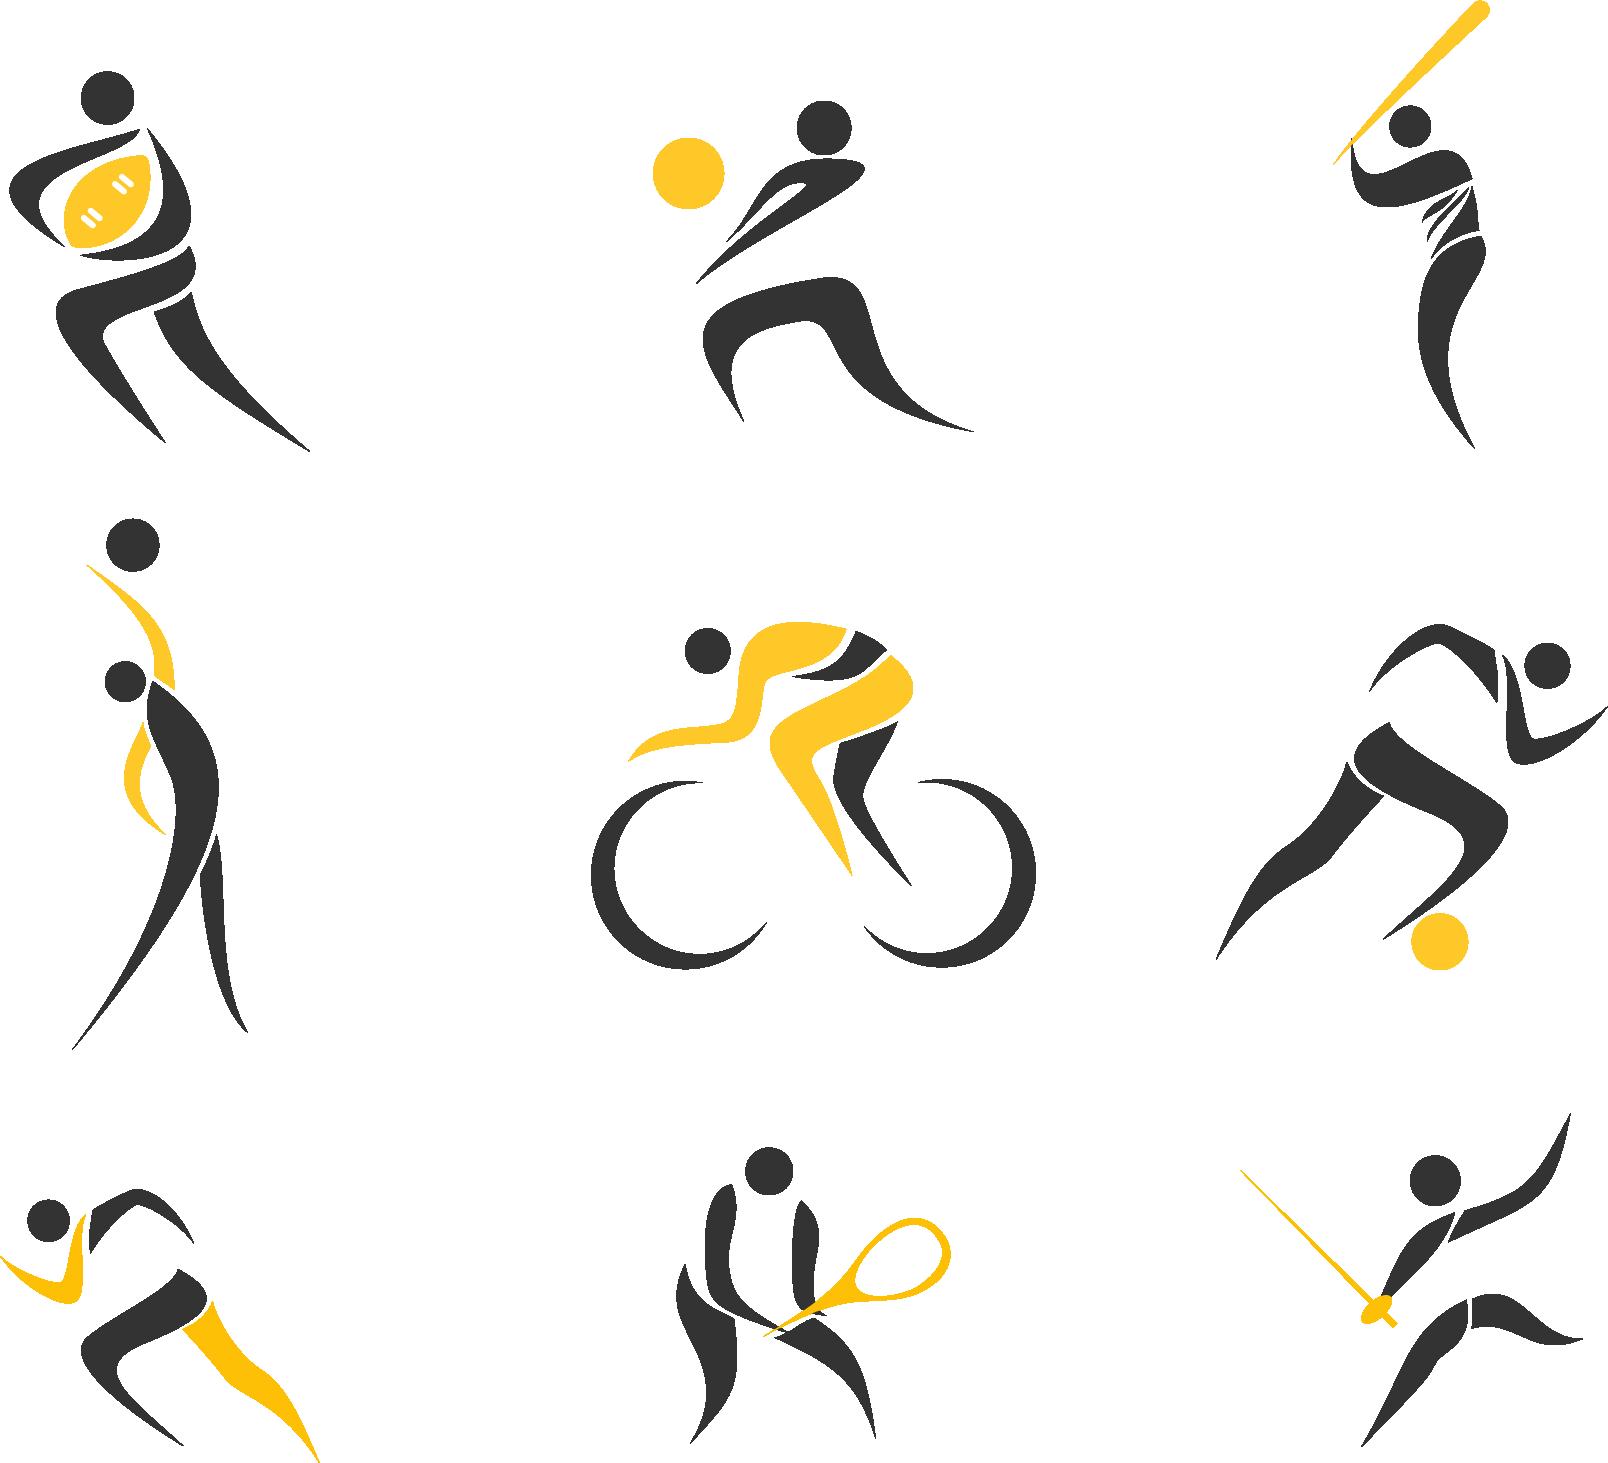 Спортивные логотипы - спорт, логотип